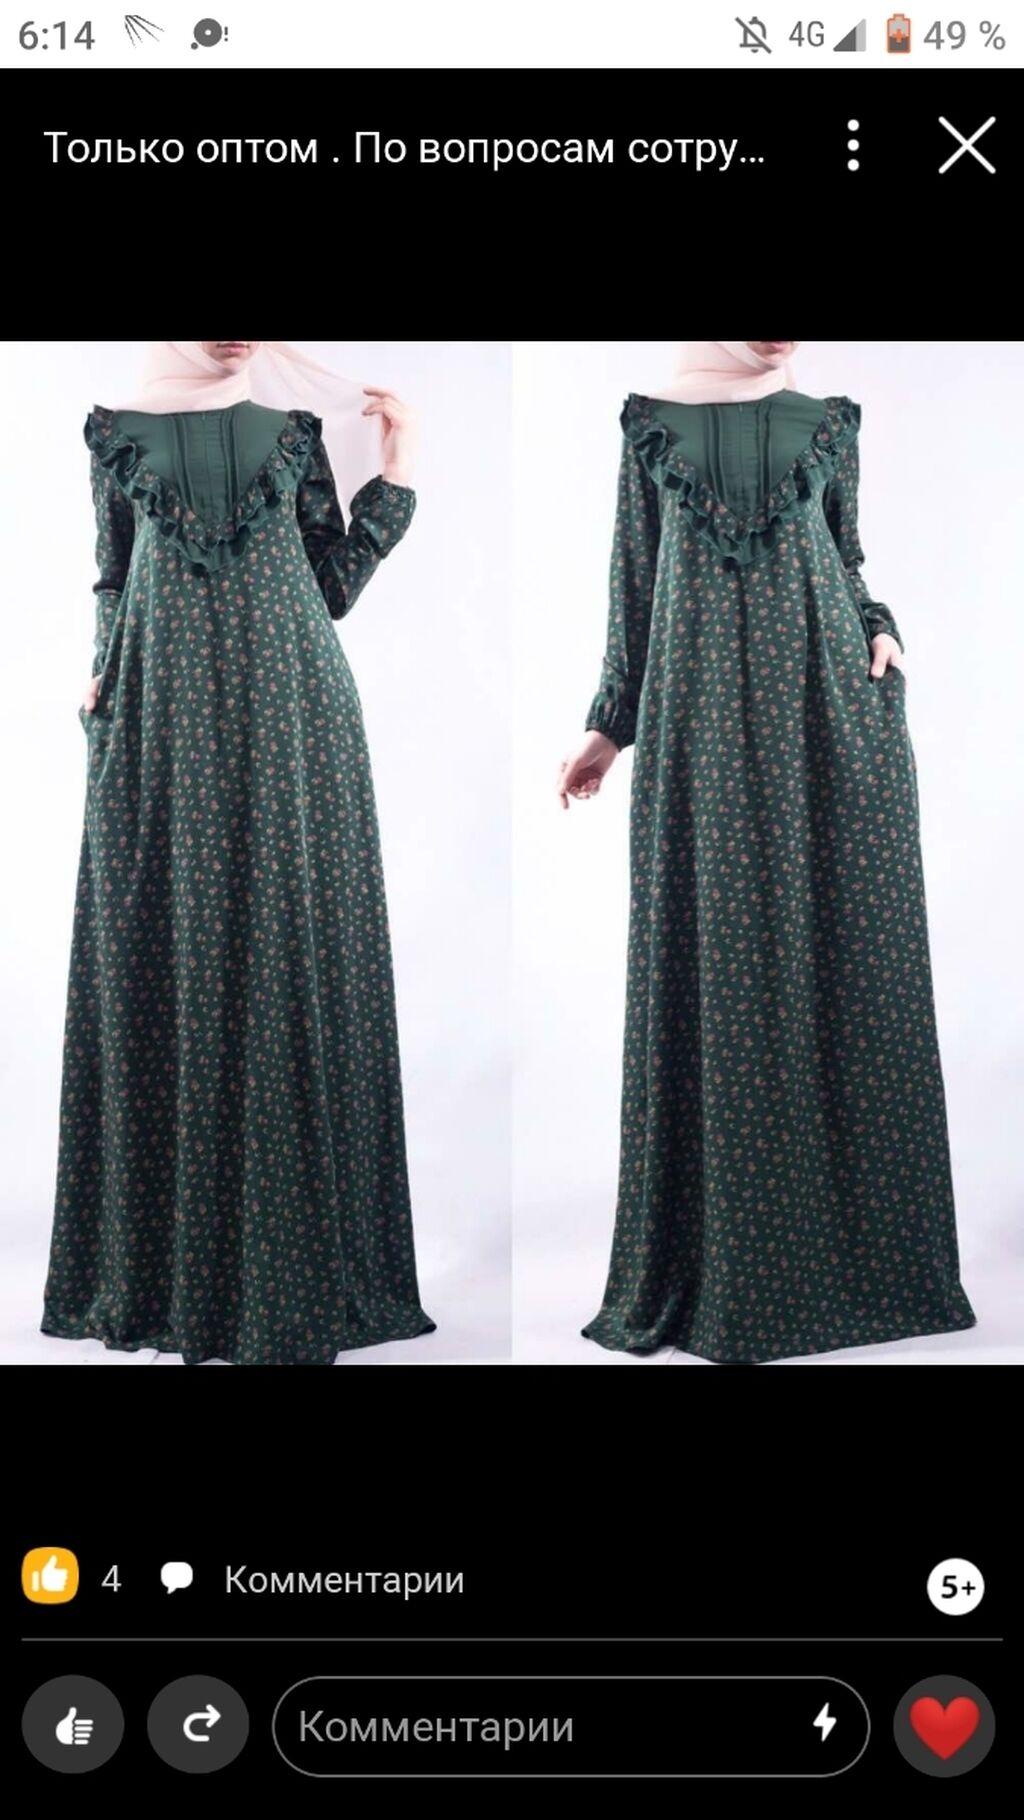 Хиджабы выбор много фирма ансари цена от 400до 1750сом: Хиджабы выбор много фирма ансари цена от 400до 1750сом